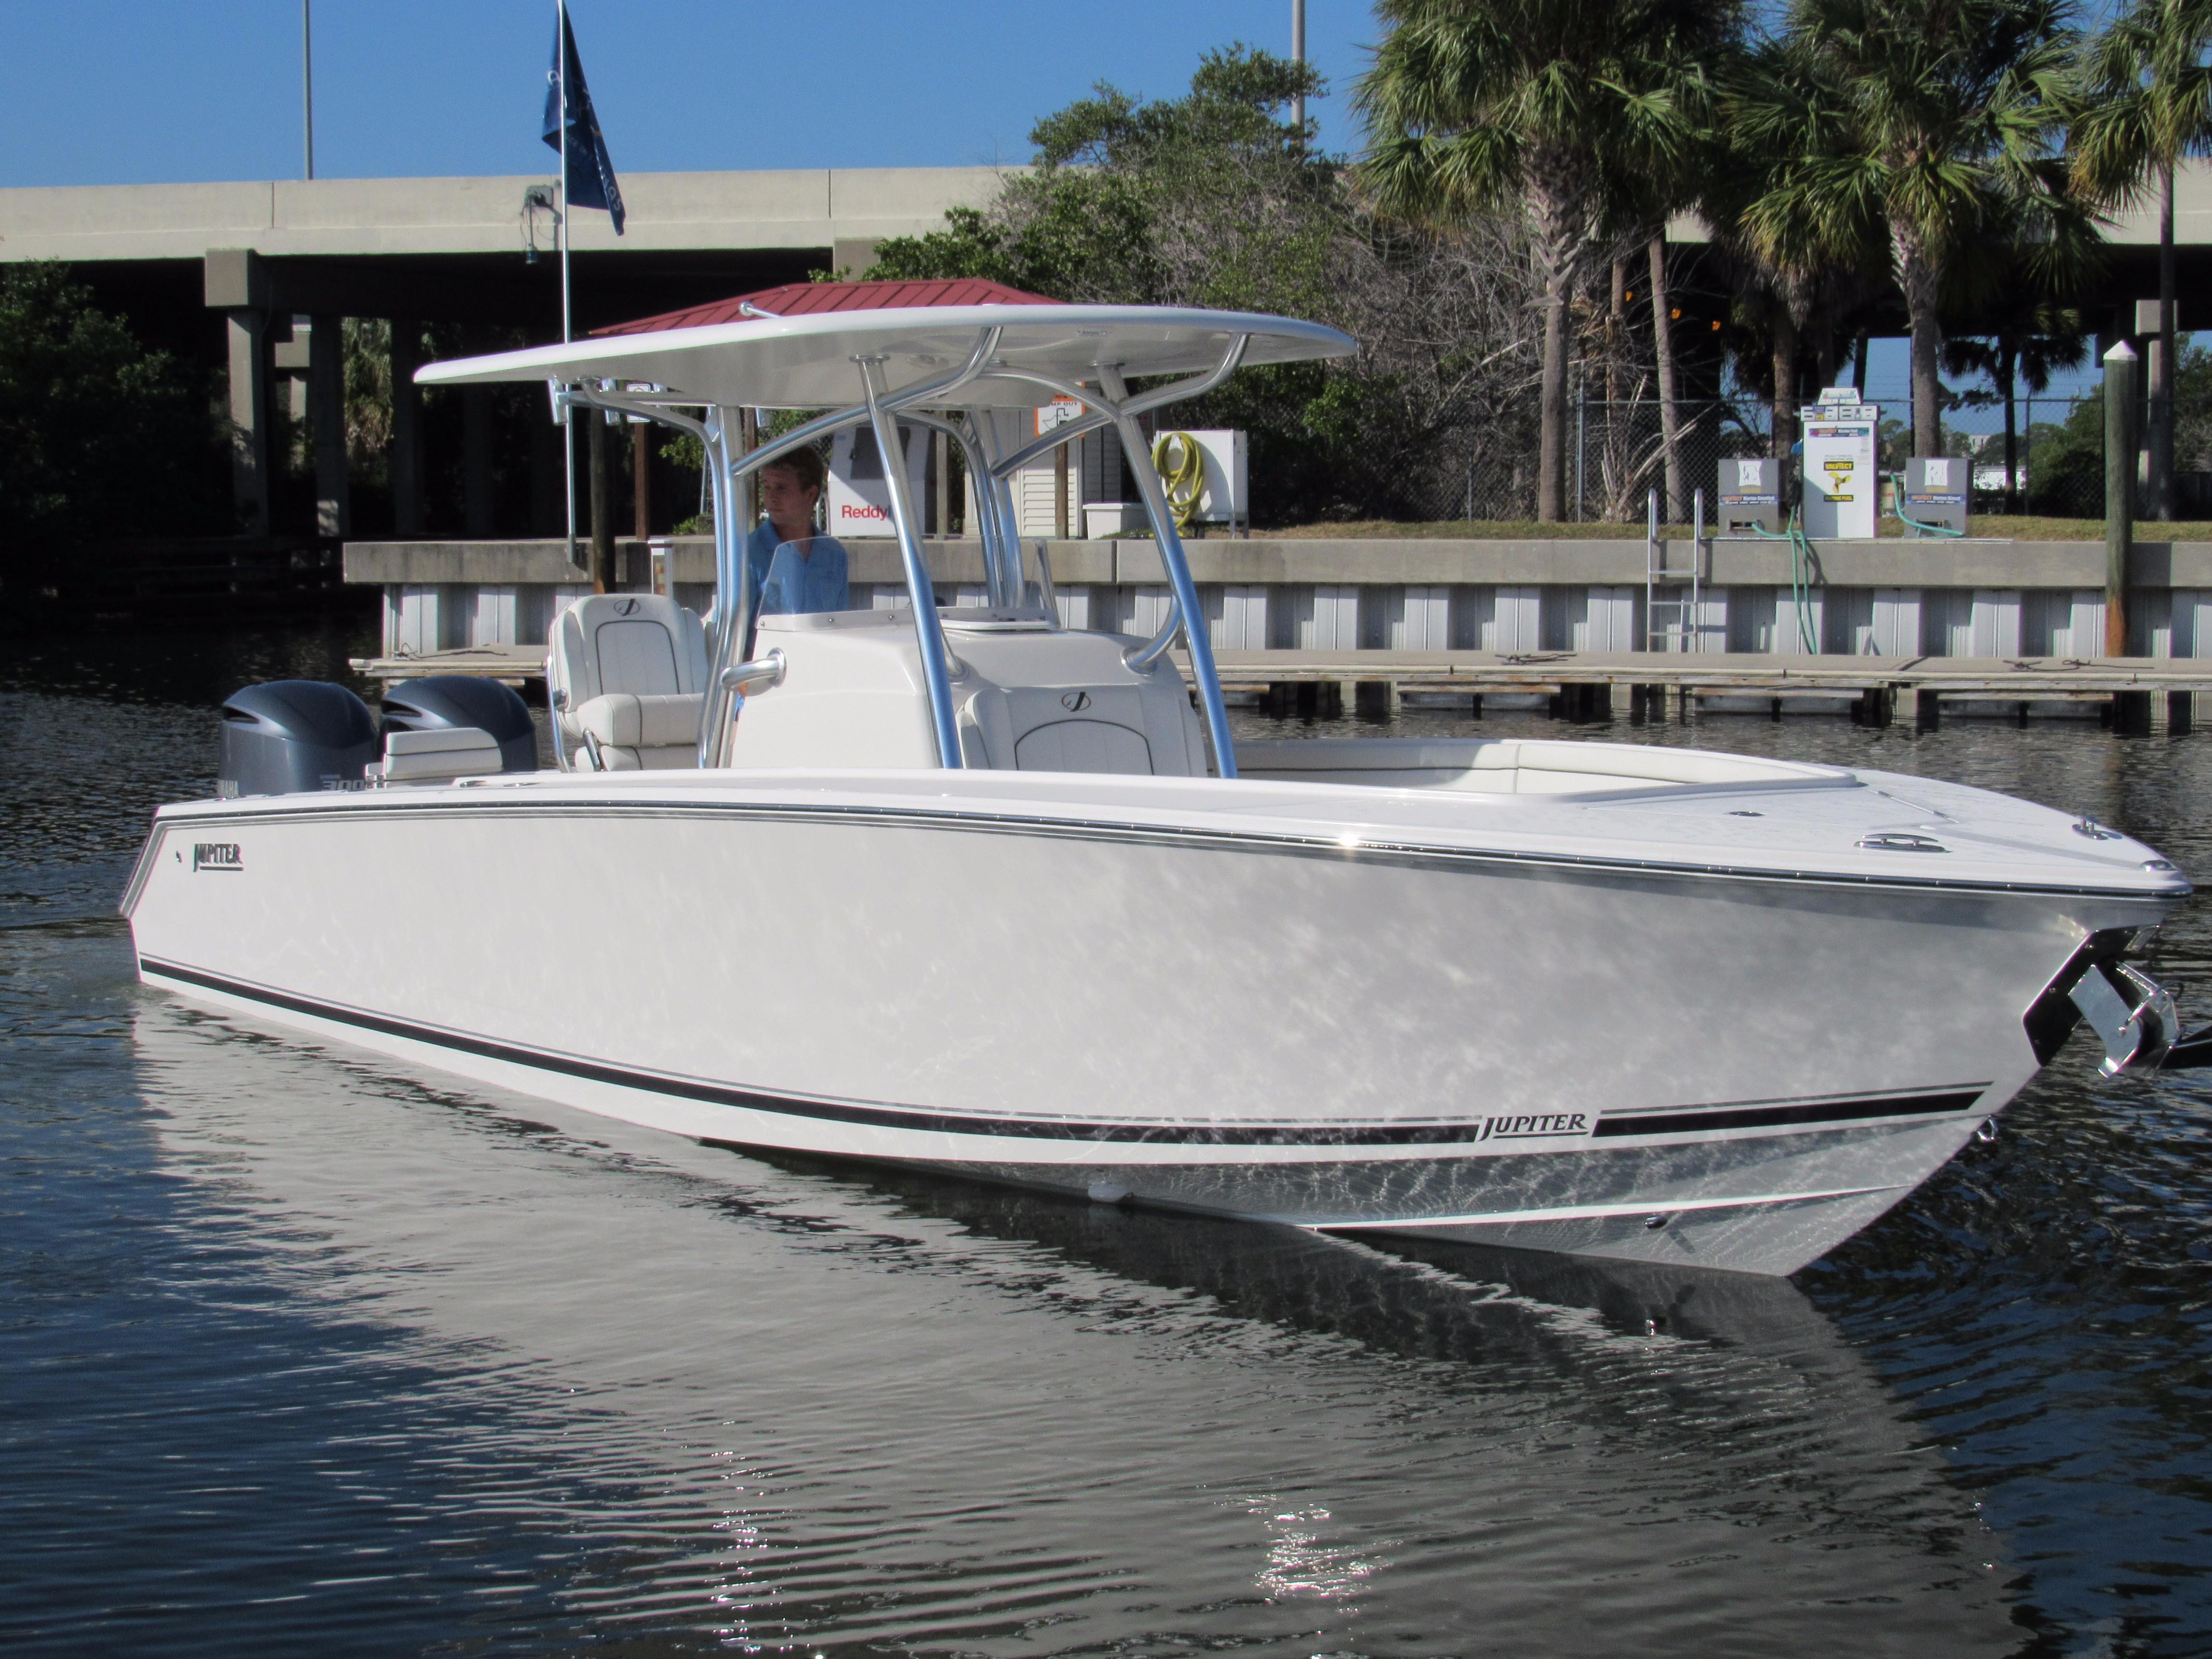 2017 Jupiter 30 HFS Power Boat For Sale